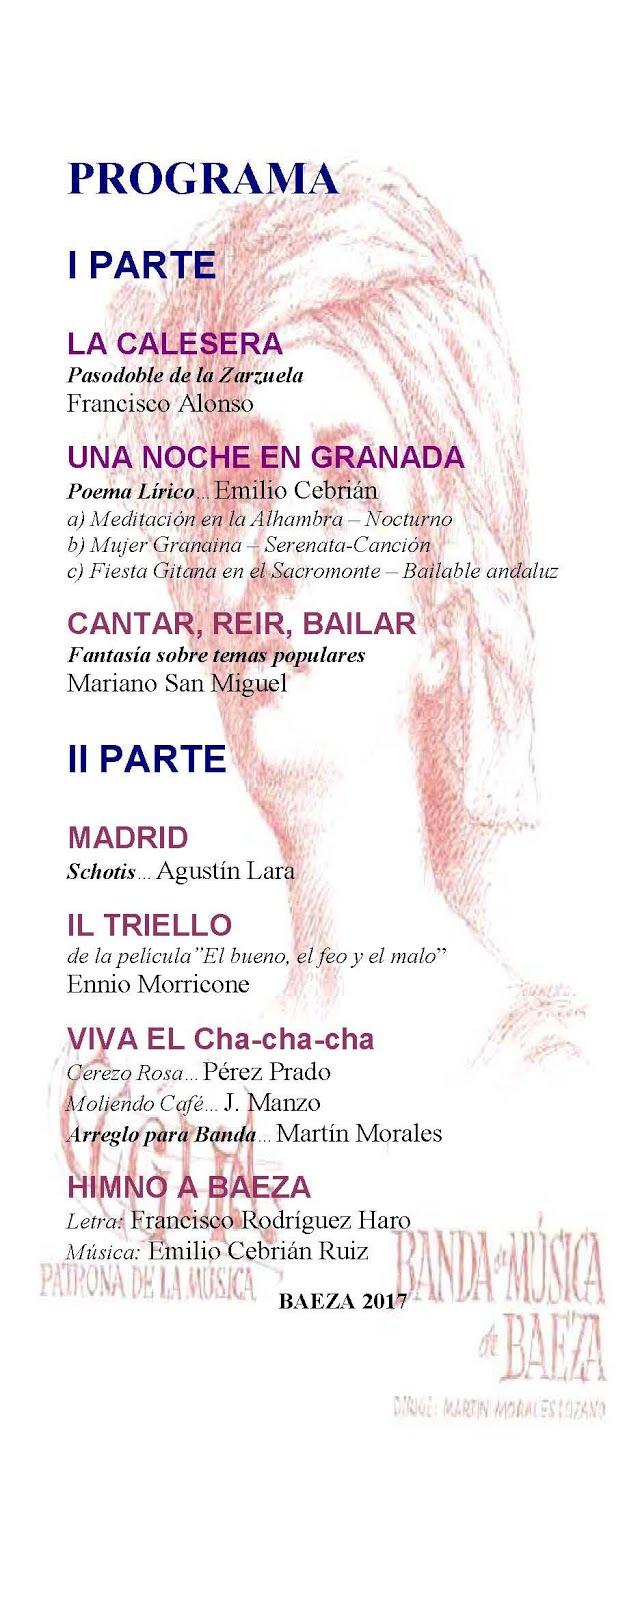 PROGRAMA del Concierto en Honor de Santa Cecilia 2017